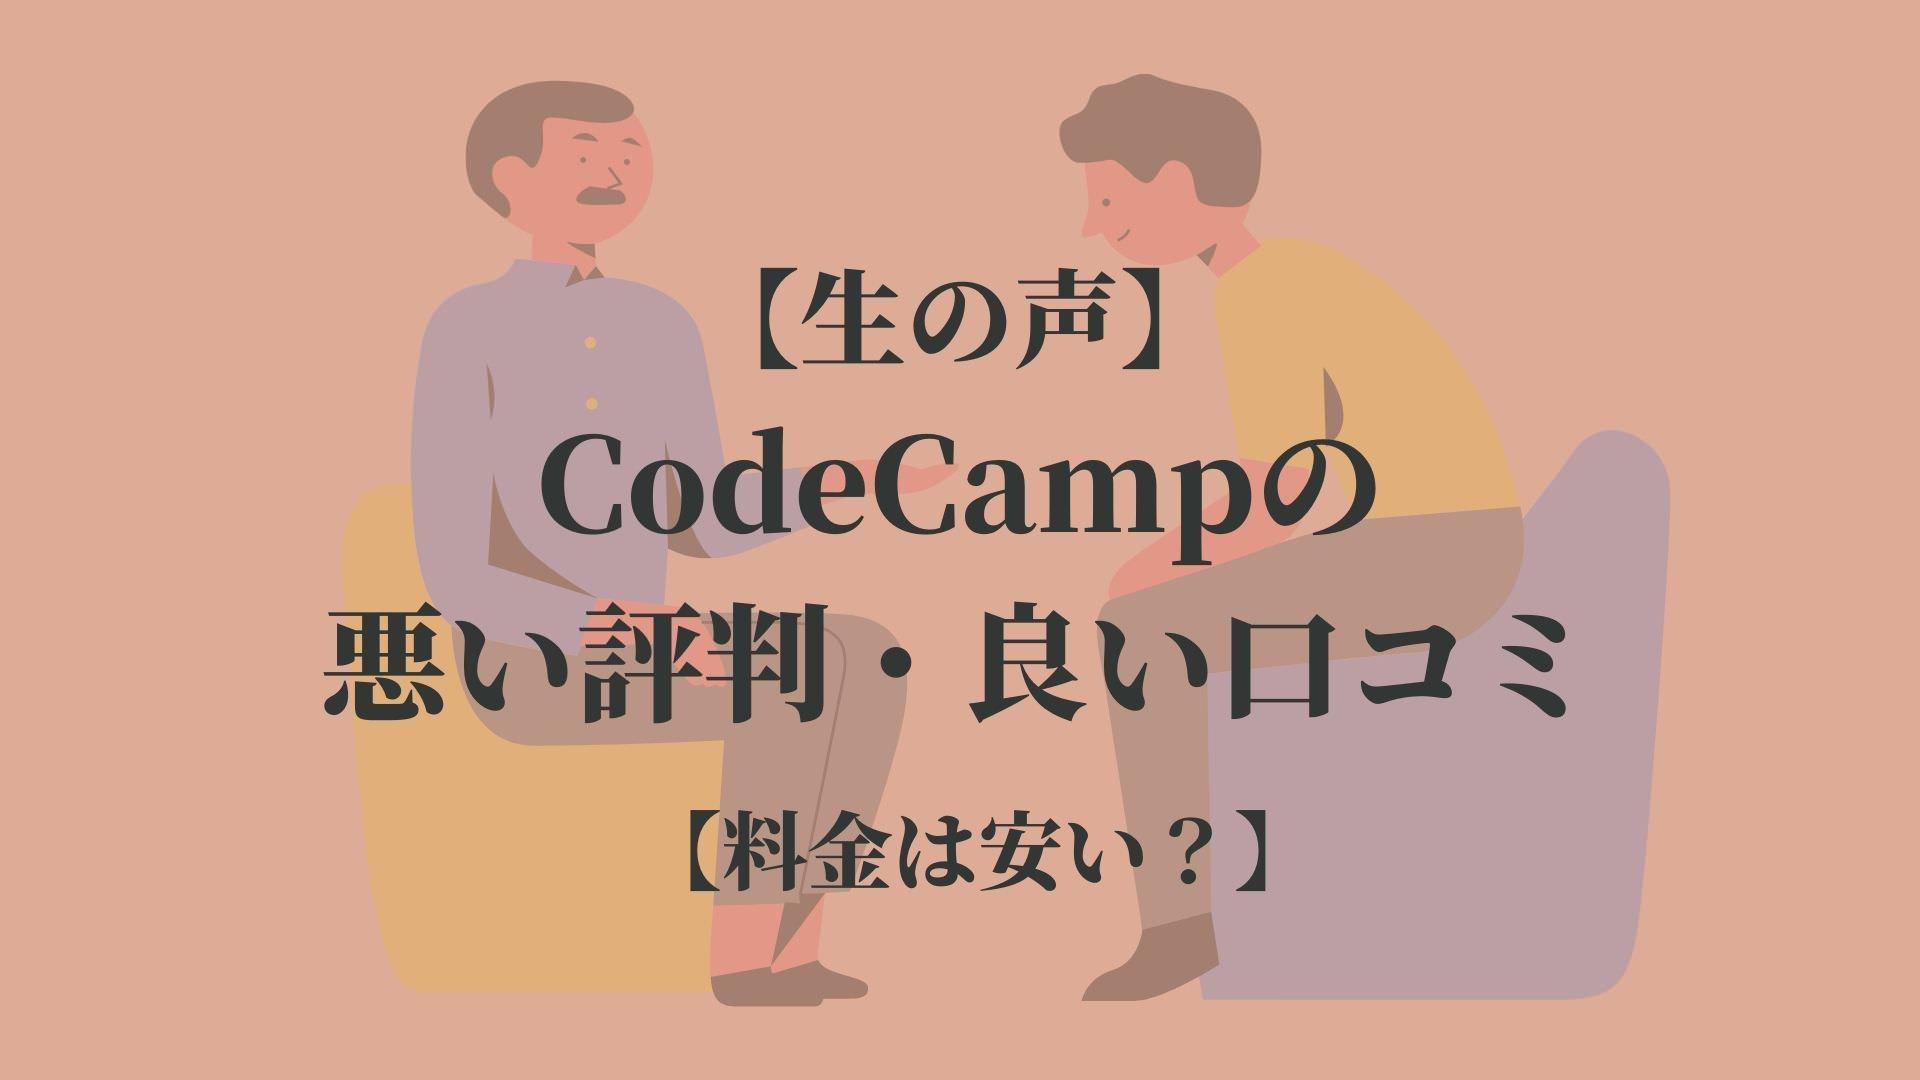 CodeCampの評判・口コミ【料金は安い?】